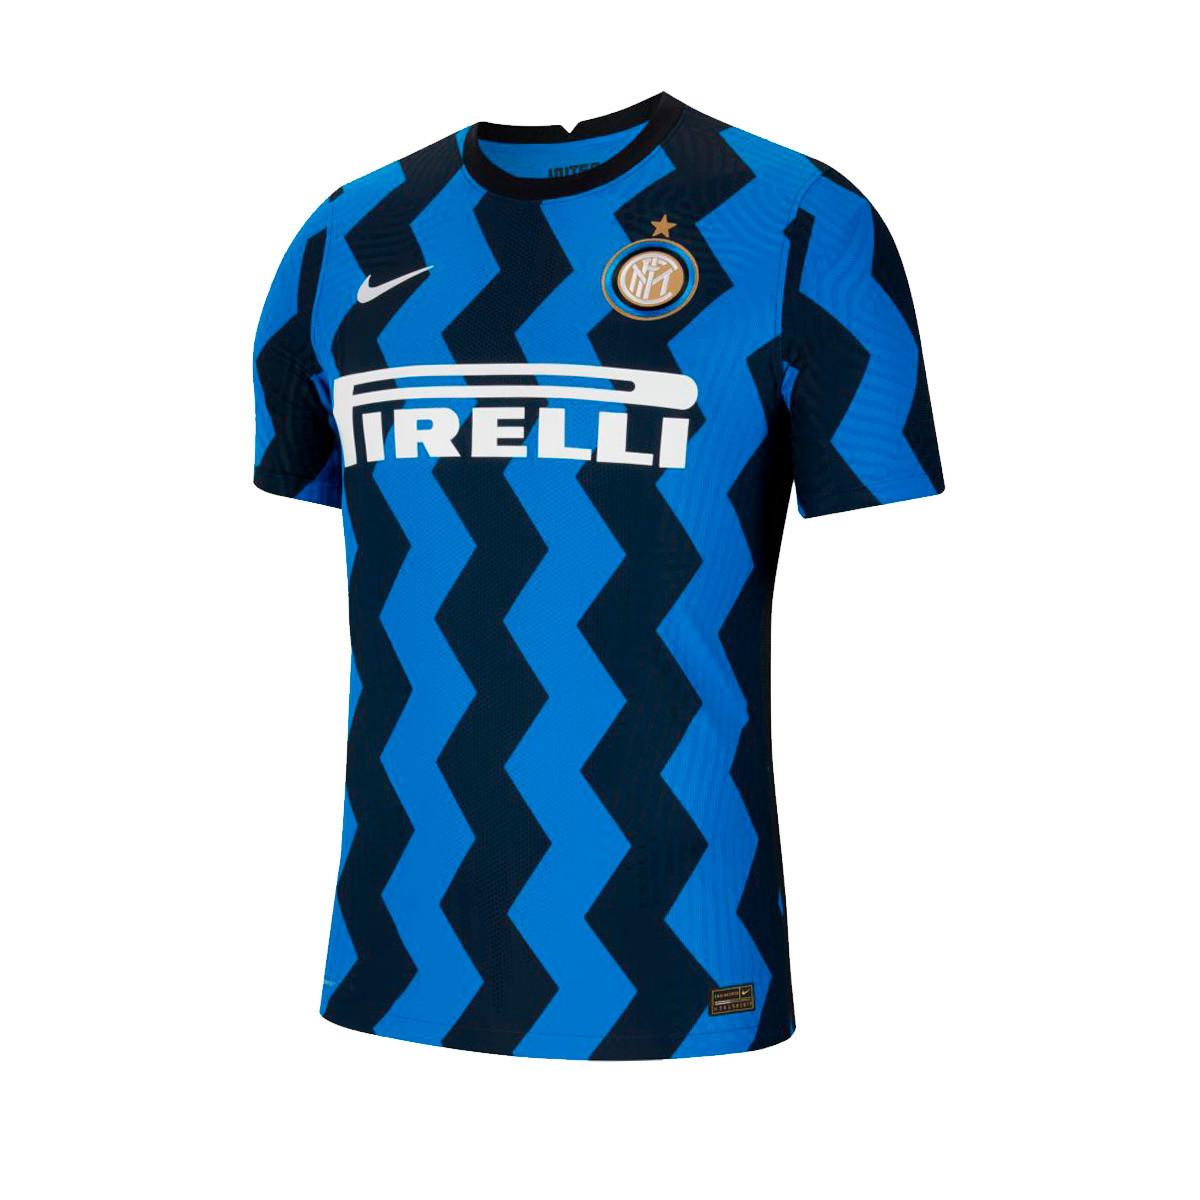 Maglia Nike Inter Milan Vapor Match Primera Equipación 2020-2021